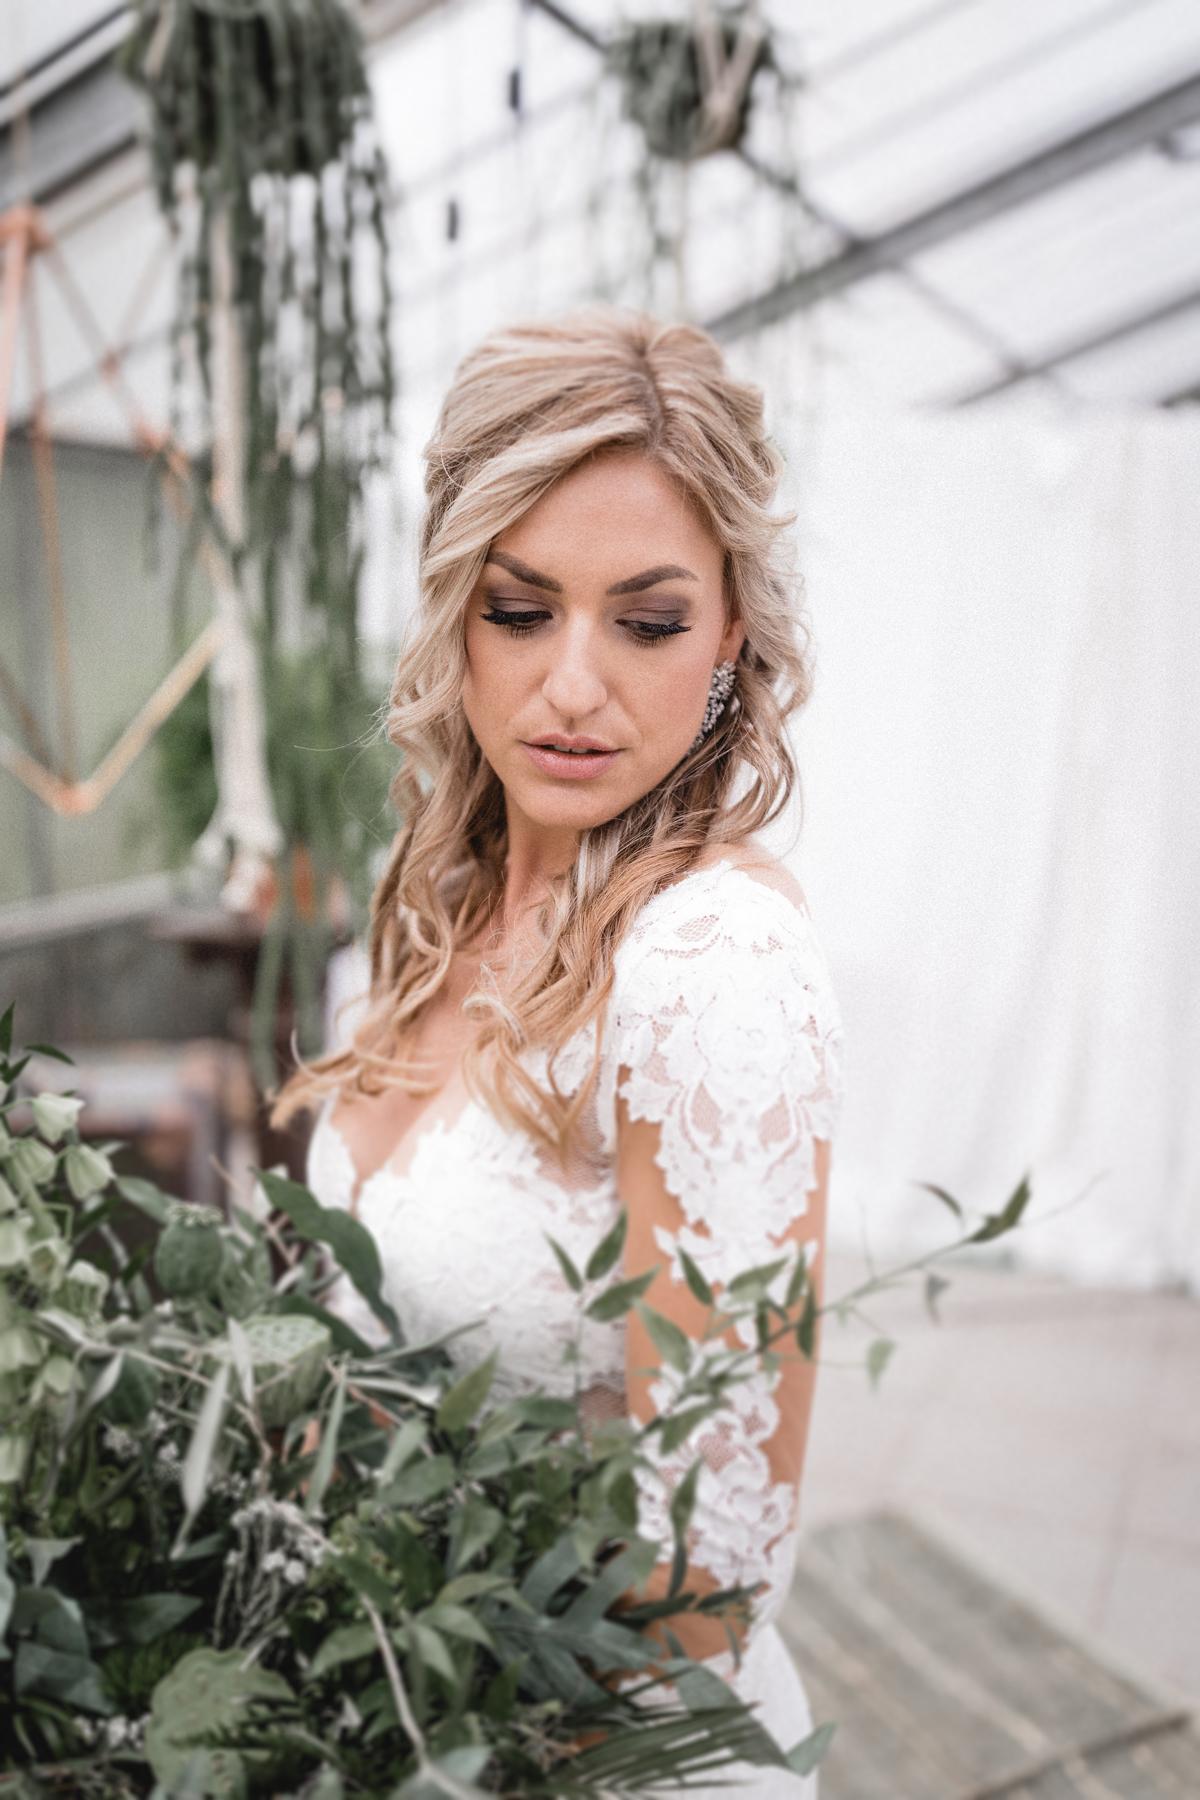 Andreas_Nusch_Hochzeitsfotografie_Brautshooting_2017_JA-Hochzeitsshop_0125